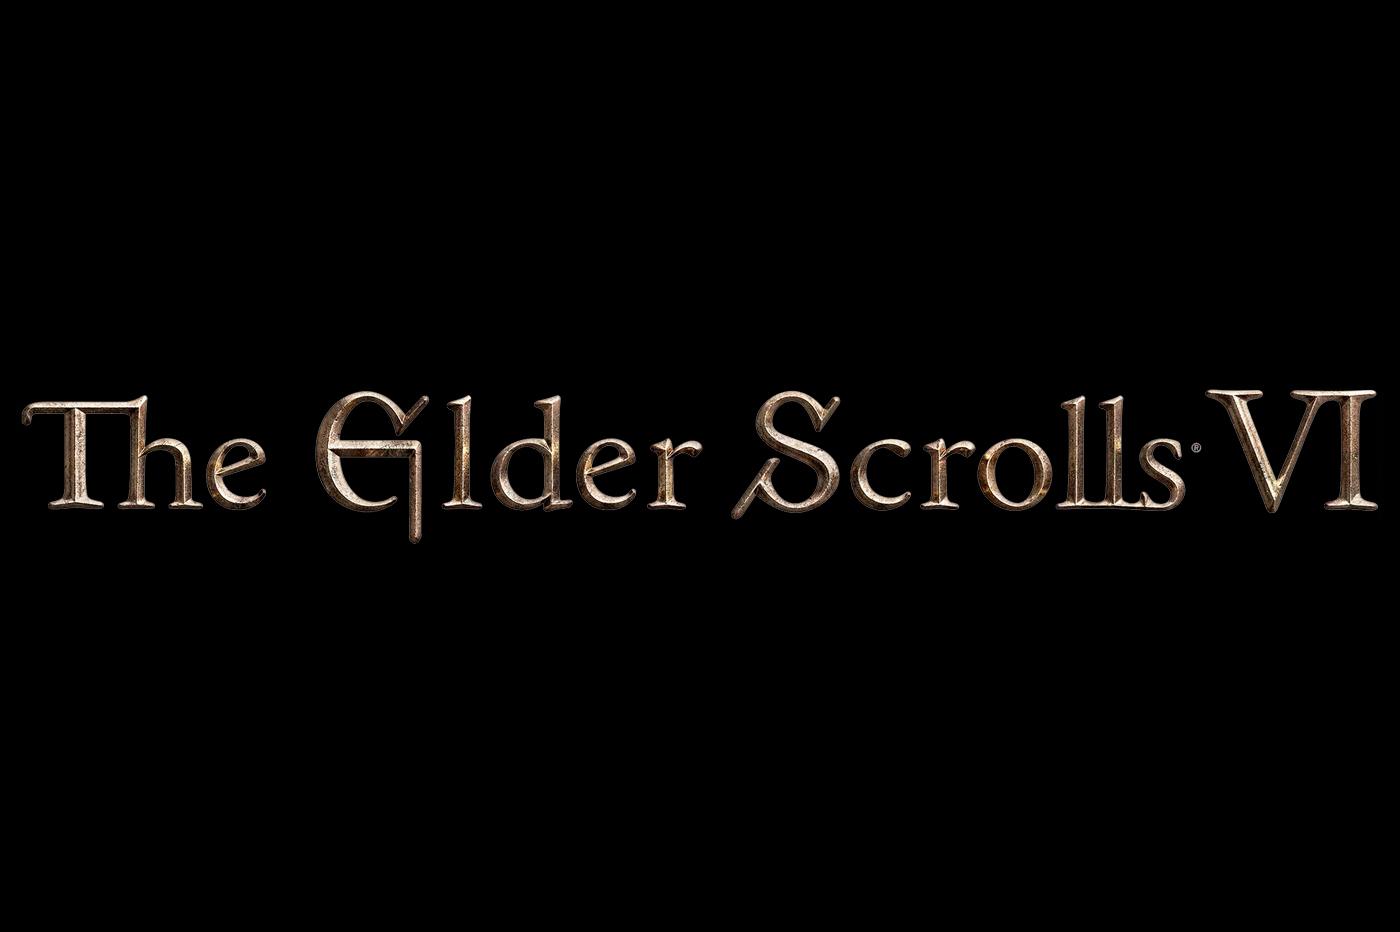 The Elder Scrolls VI durée de vie 10 ans